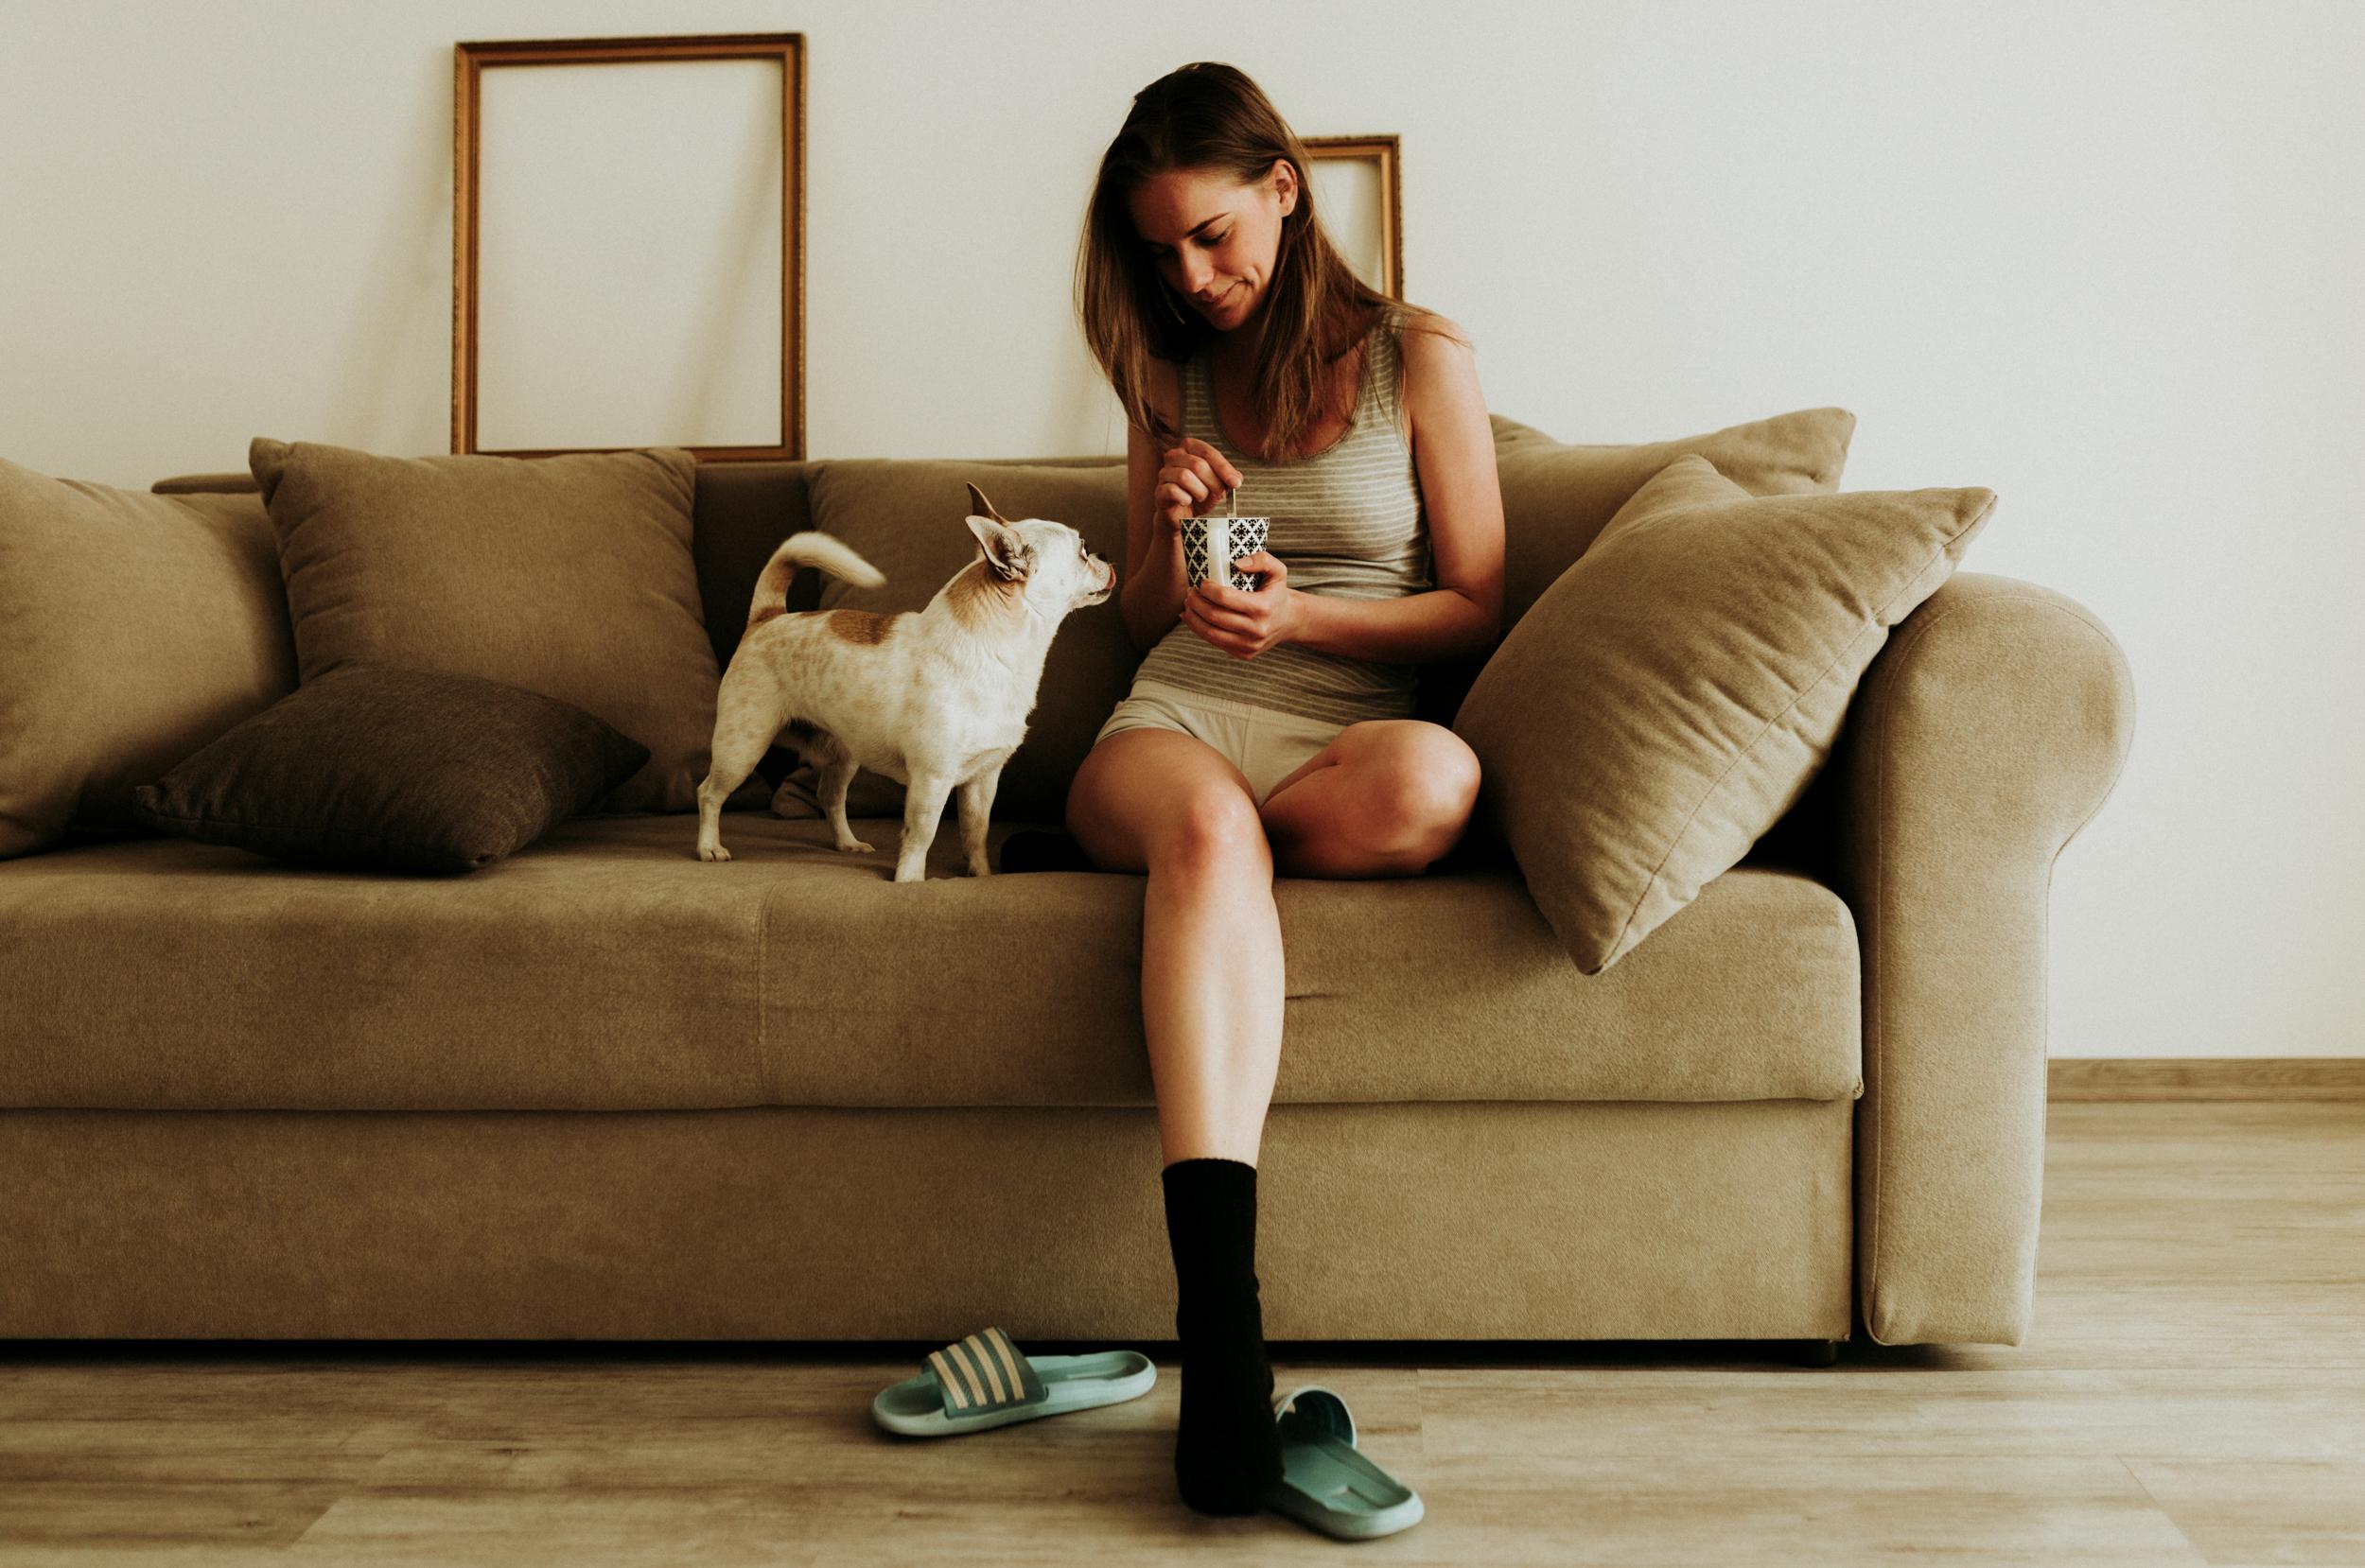 Molly otthoni lifestyle portré fotó. A kavargatás.